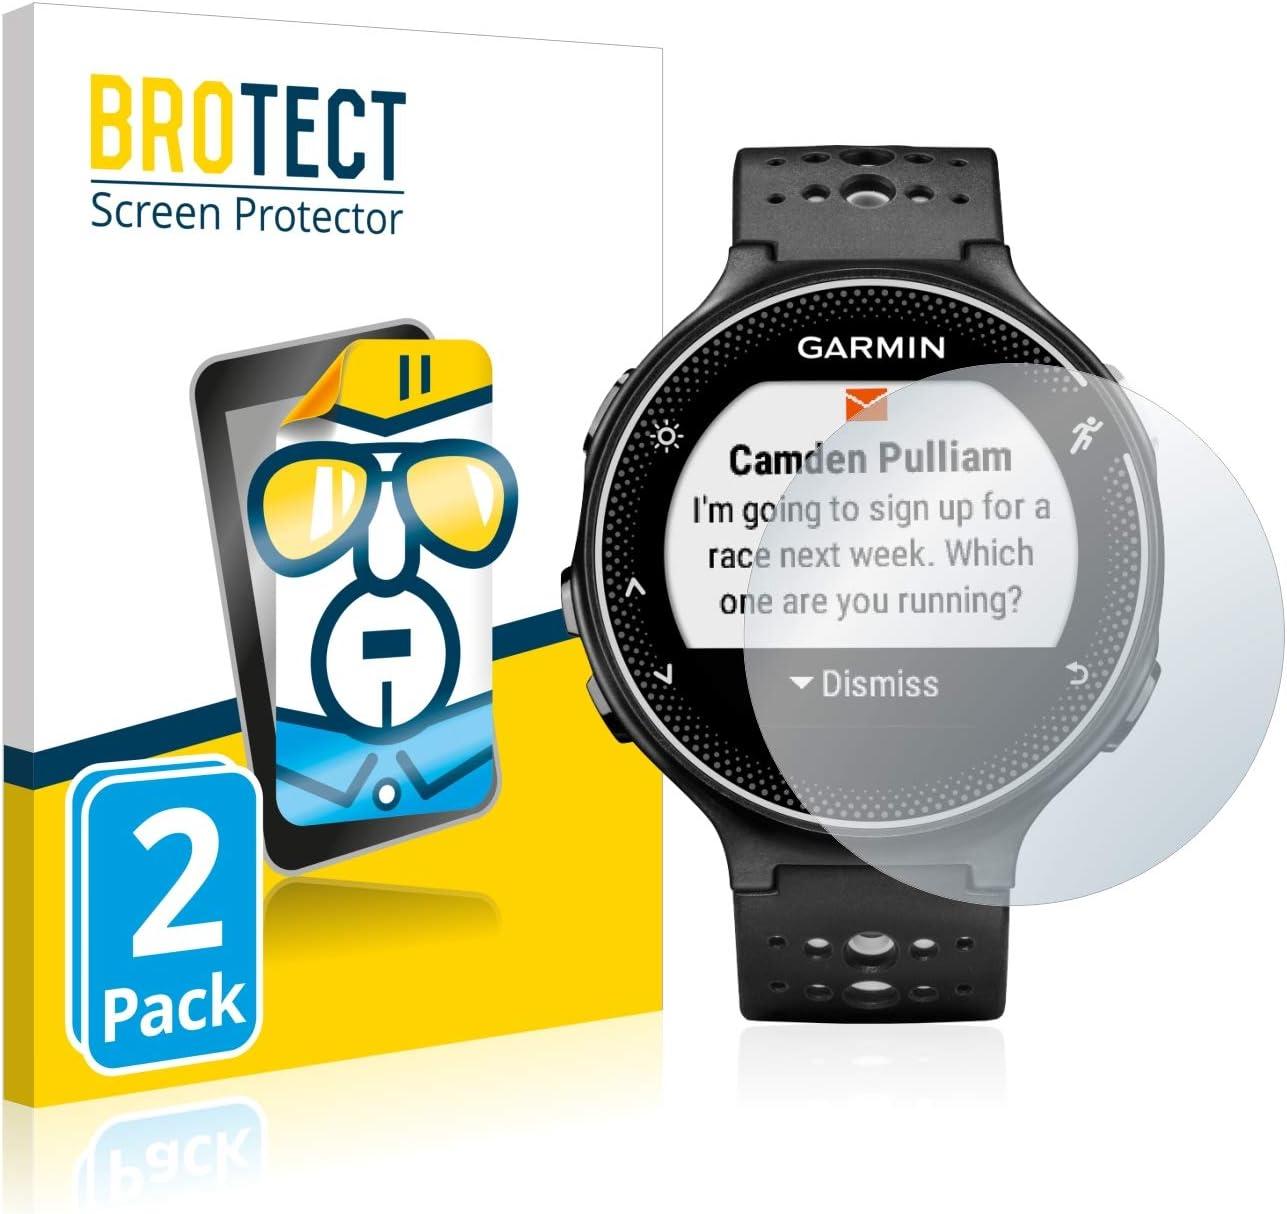 2 St/ück klare Displayschutz-Folie BROTECT Schutzfolie kompatibel mit Garmin Forerunner 230